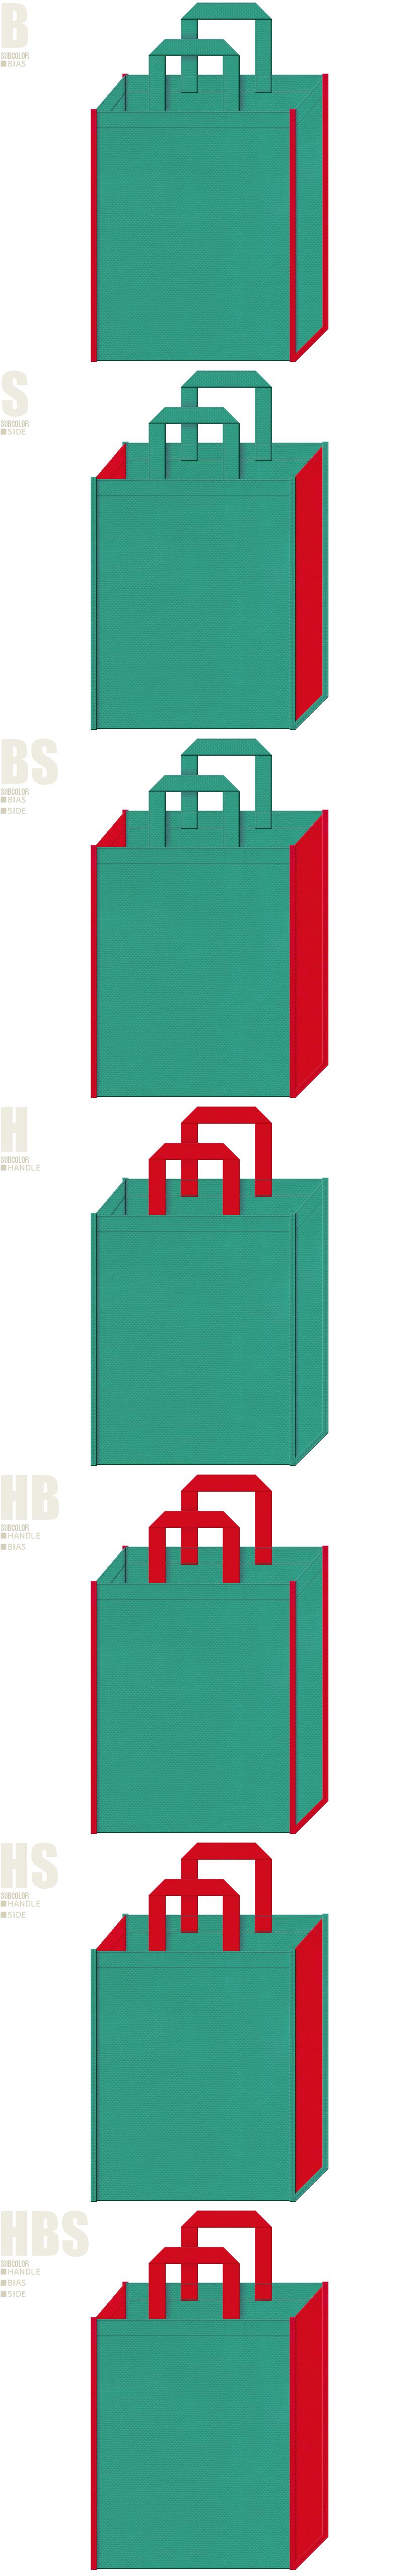 青緑色と紅色、7パターンの不織布トートバッグ配色デザイン例。